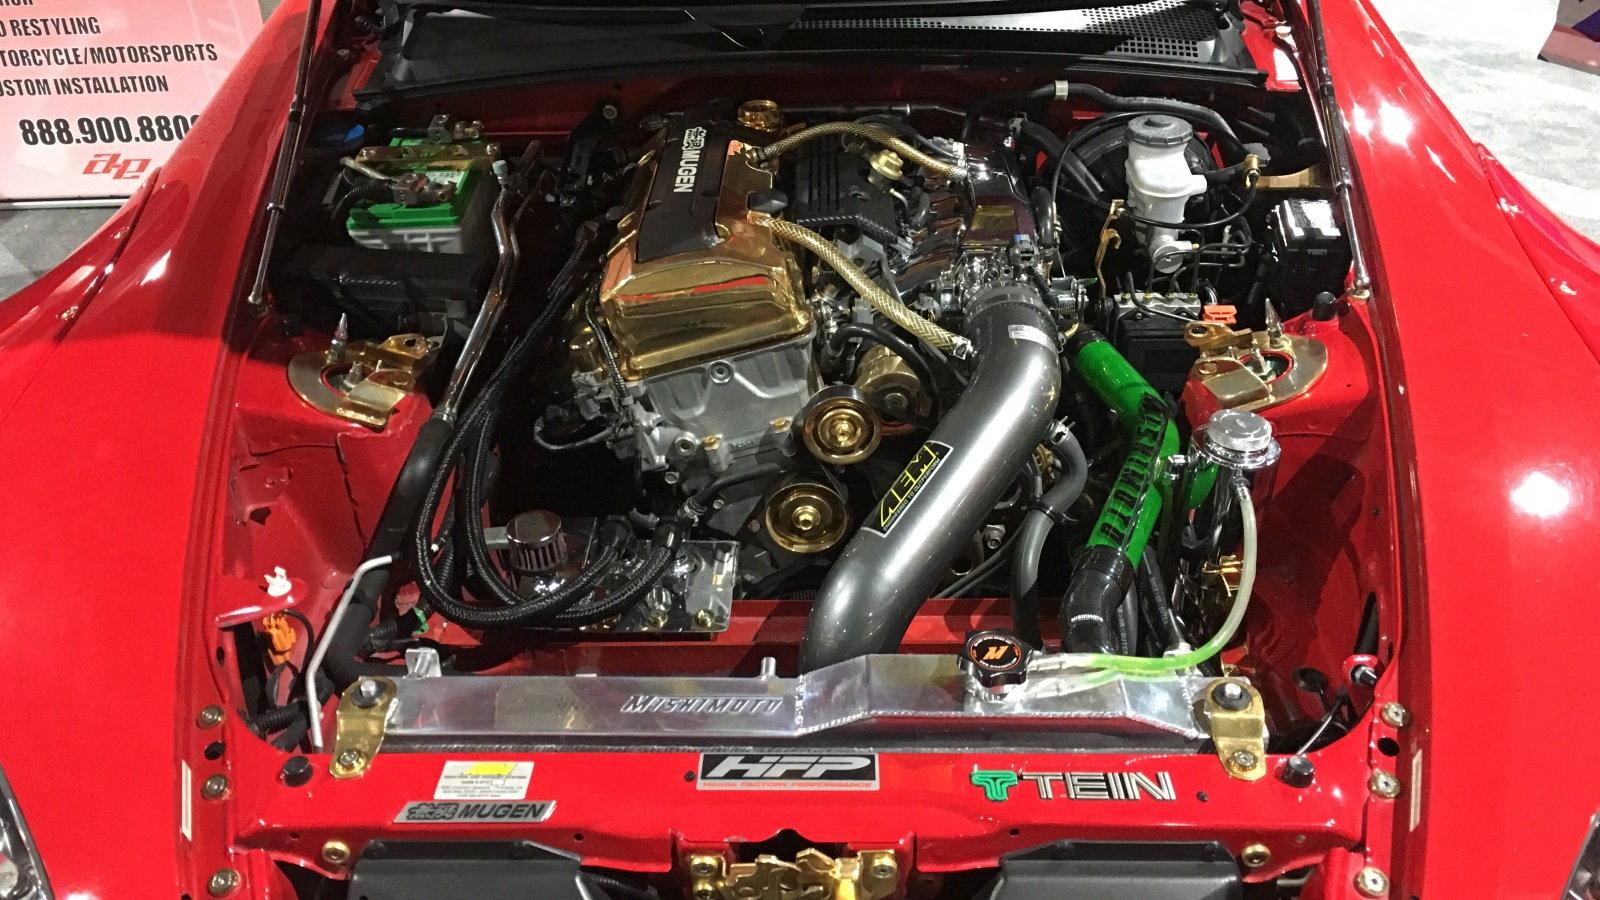 2004 Honda S2000, Long Beach Auto-Tech, S2KILLIN, Glen Villanueva, 2017 LA Auto Show